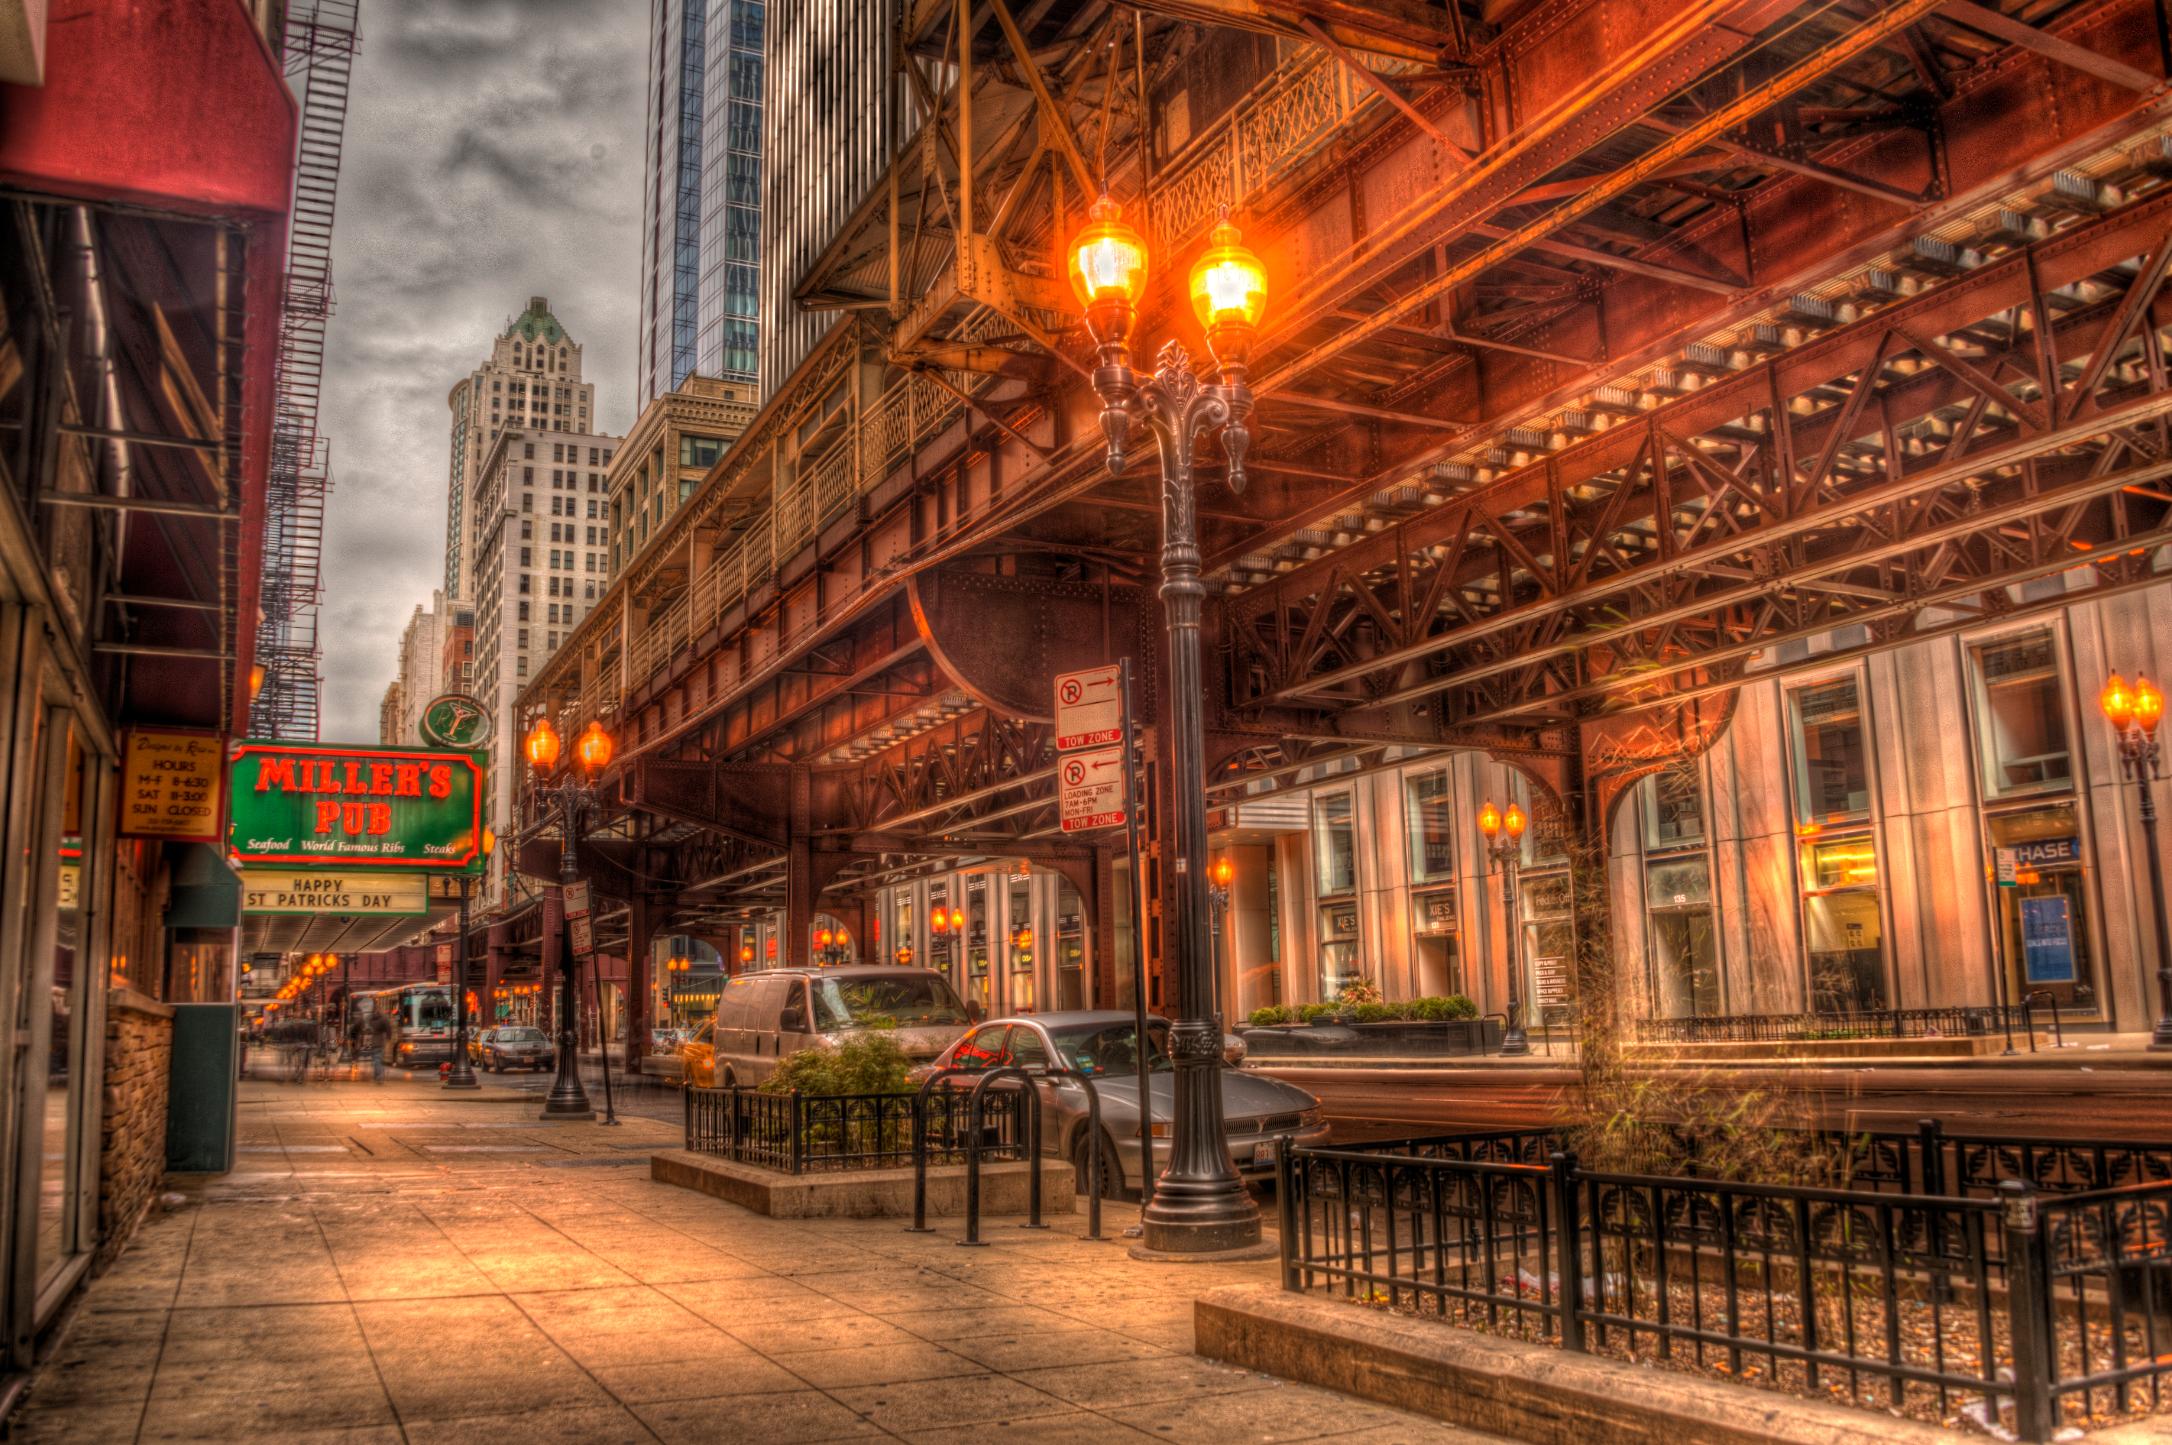 Chicago - Tonemapped image